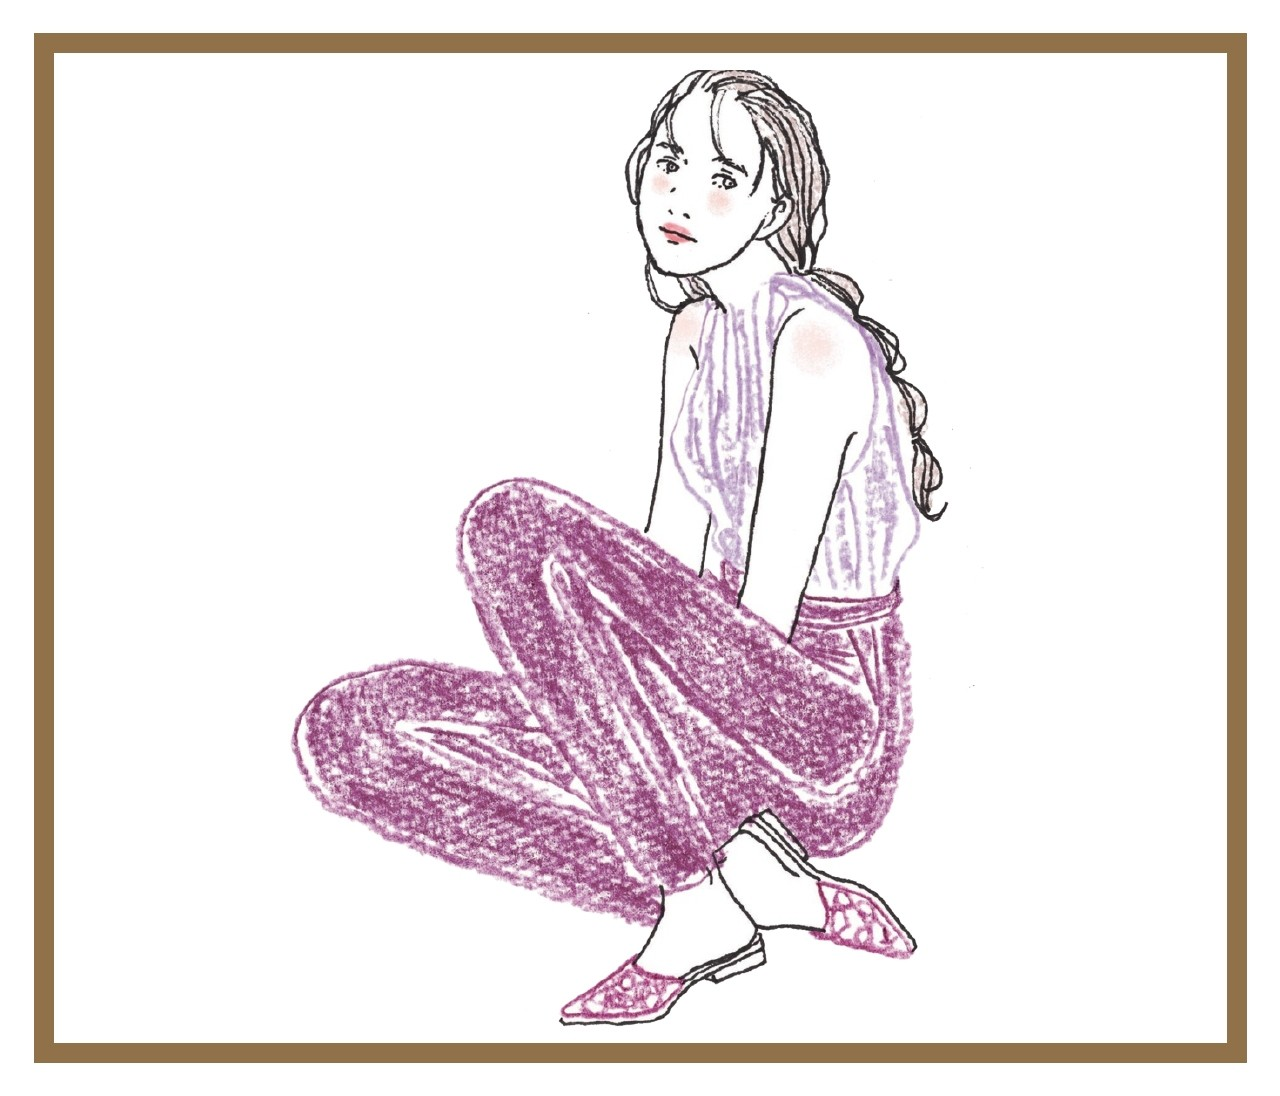 【蠍座】鏡リュウジの星座占い(2020年下半期)